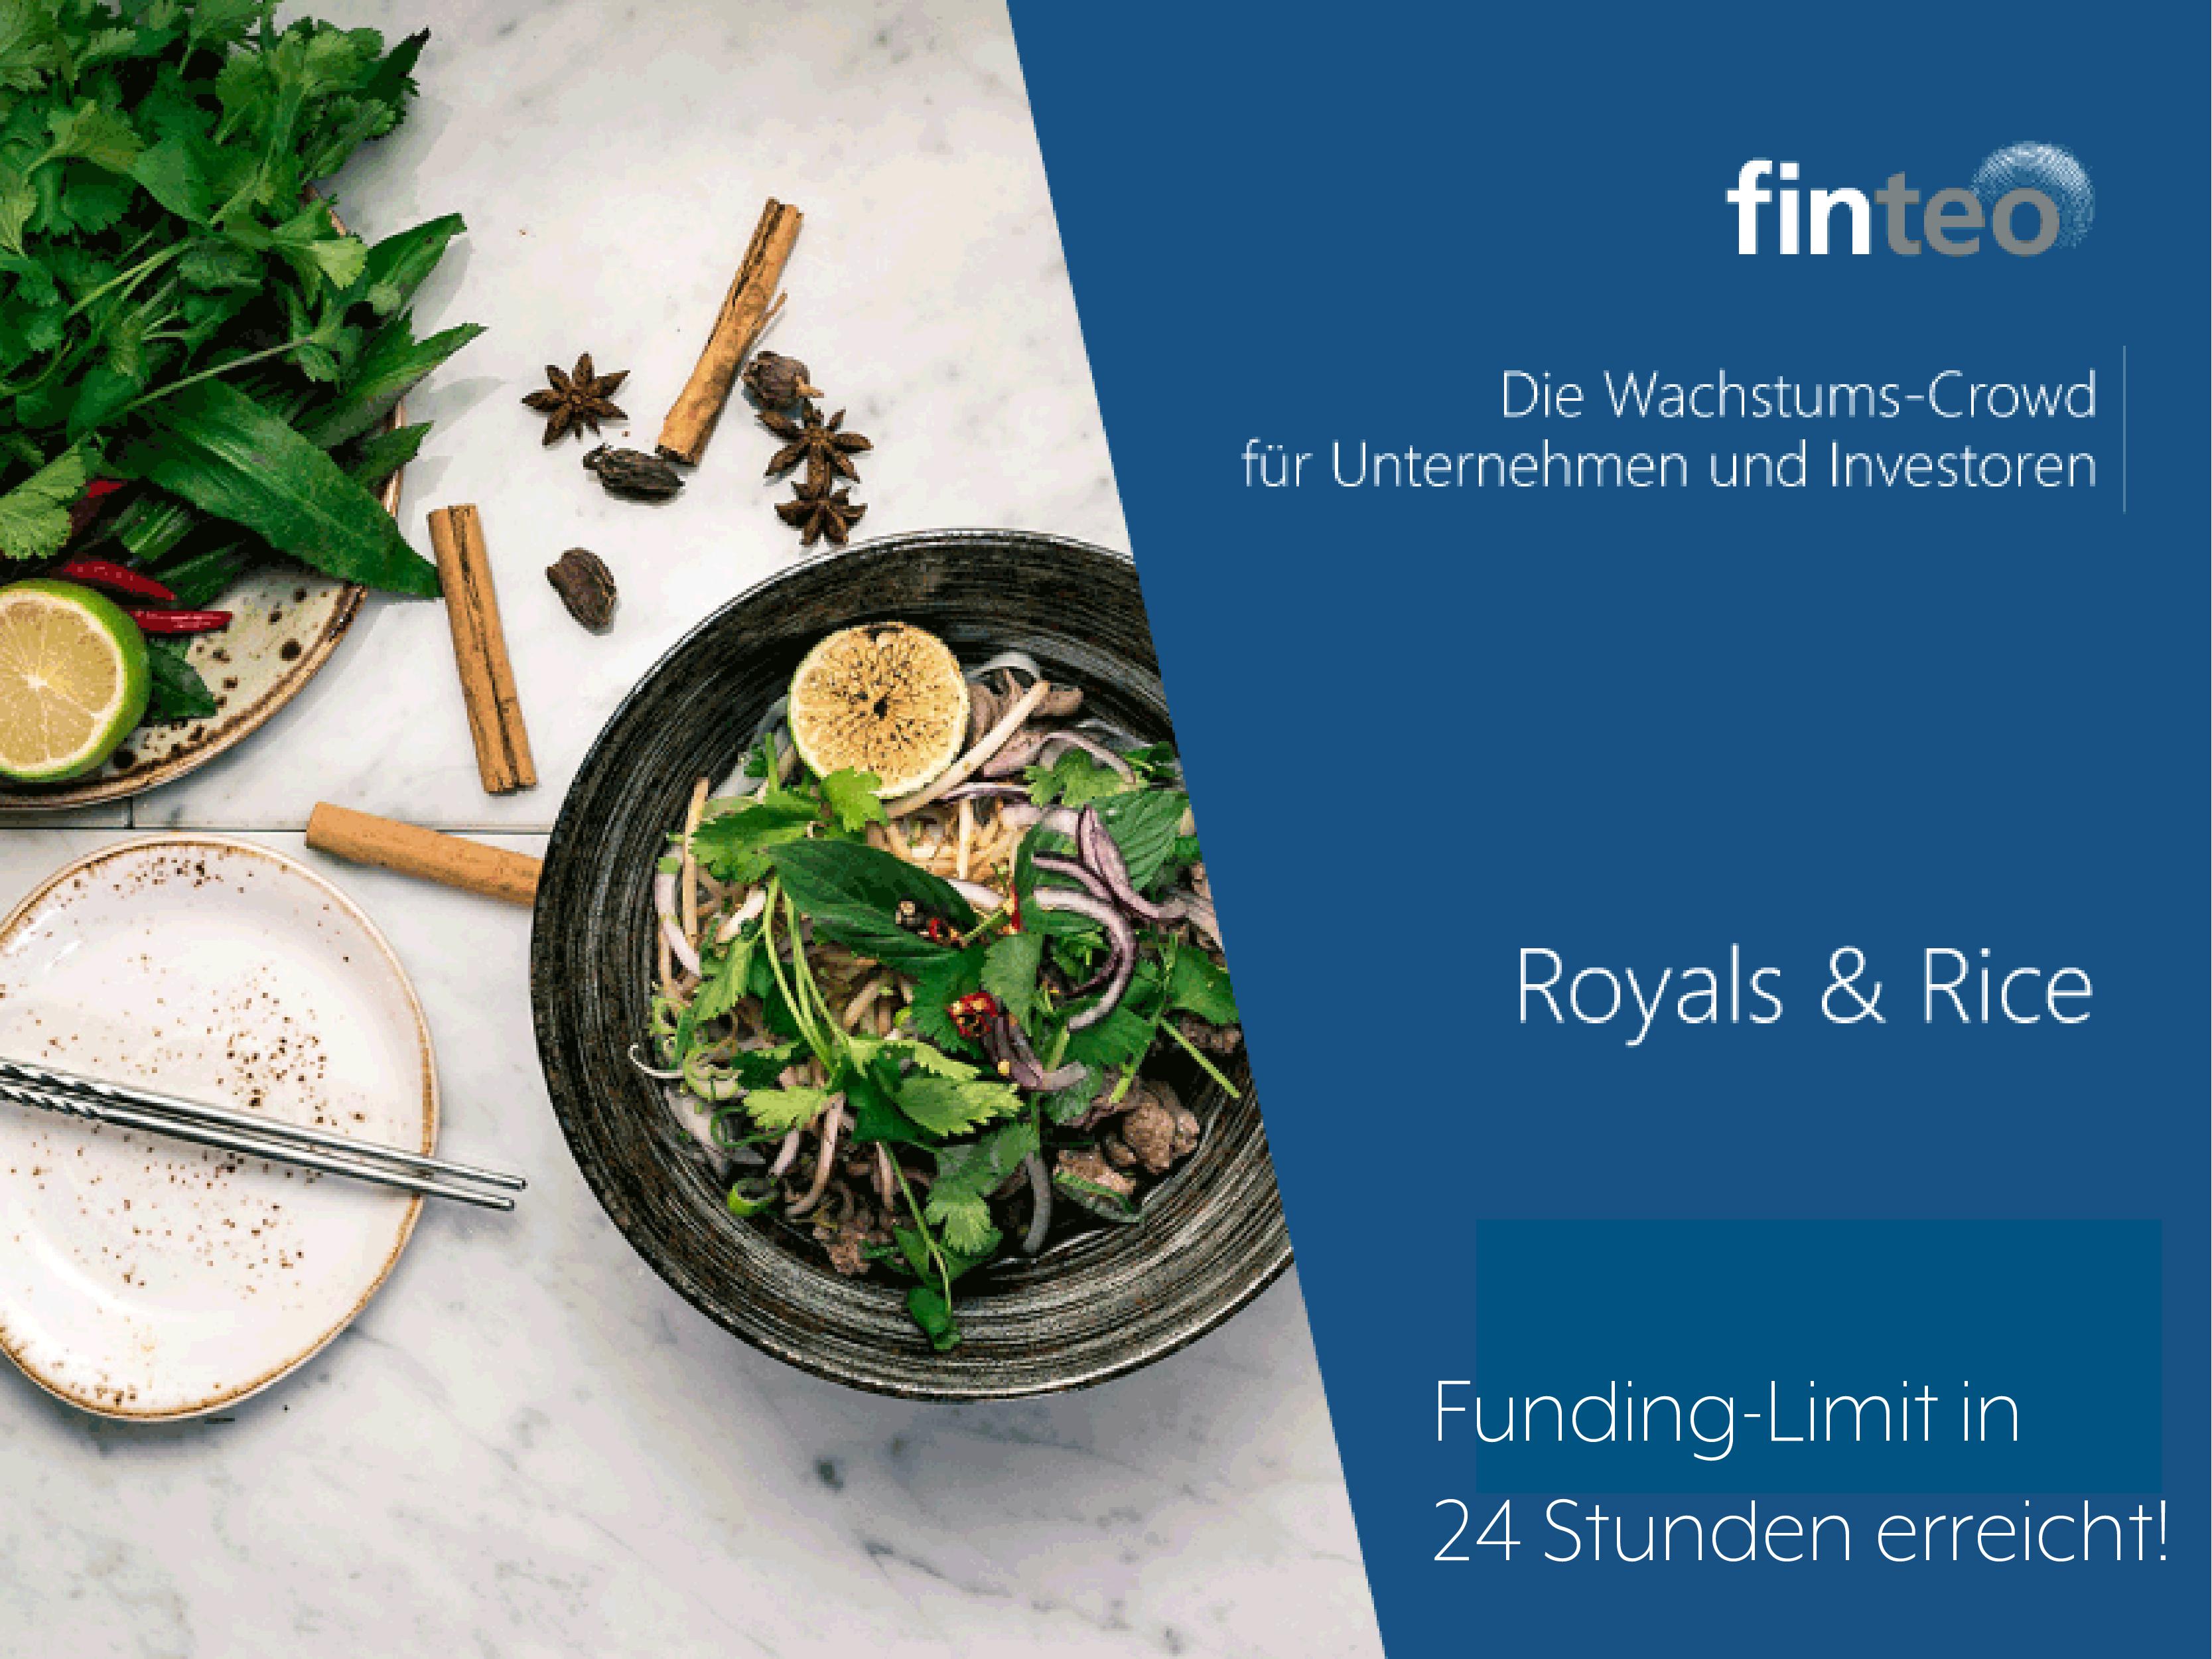 Royals & Rice Funding-Limit in 24 Stunden erreicht